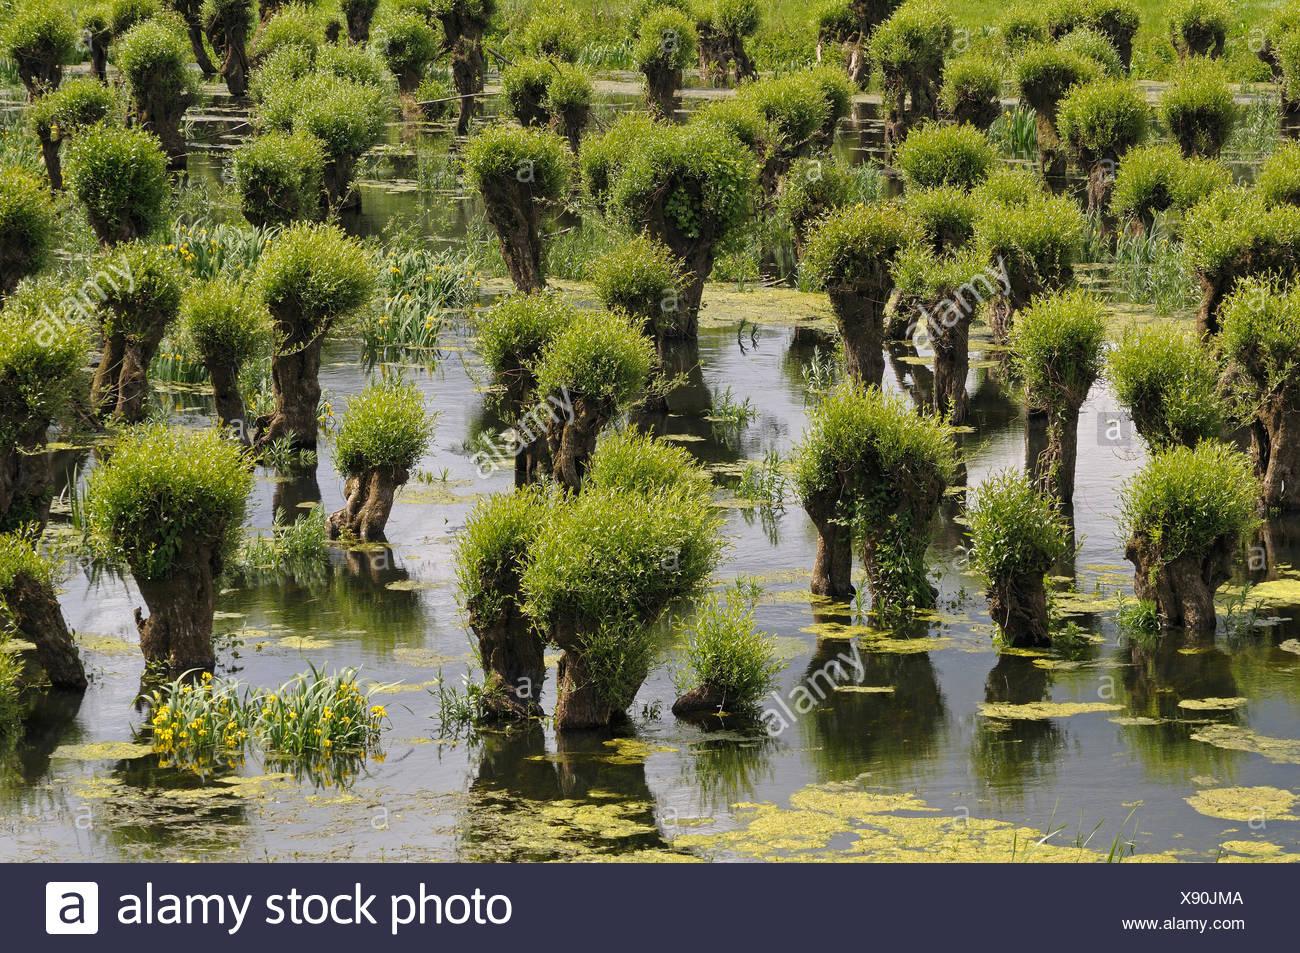 View over the Pollard Willows in the flood planes of estate Waardenburg en Neerijnen - Stock Image